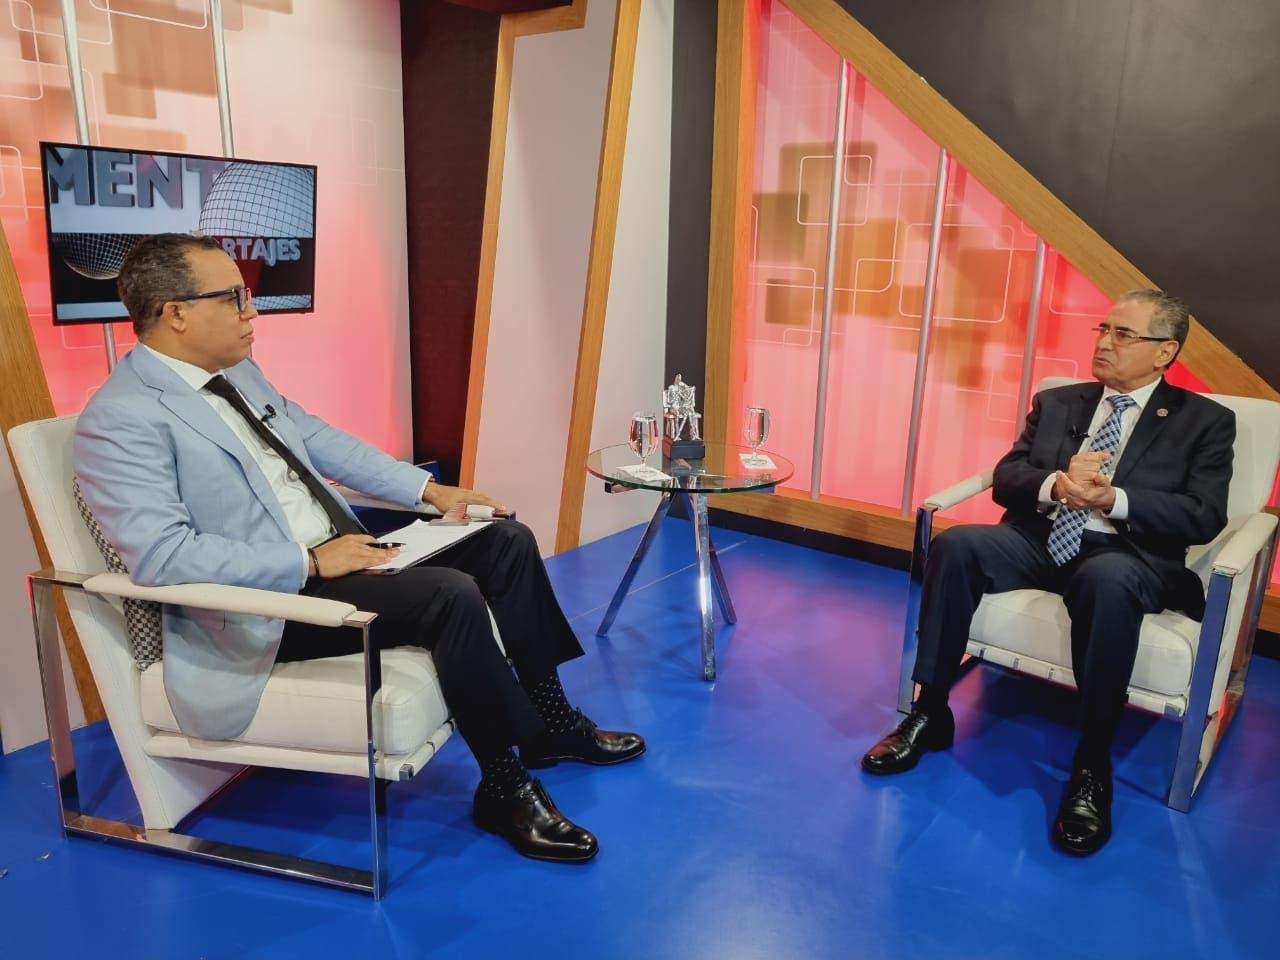 Néstor Julio Cruz informa presidente Abinader autorizó implementar pasaporte electrónico